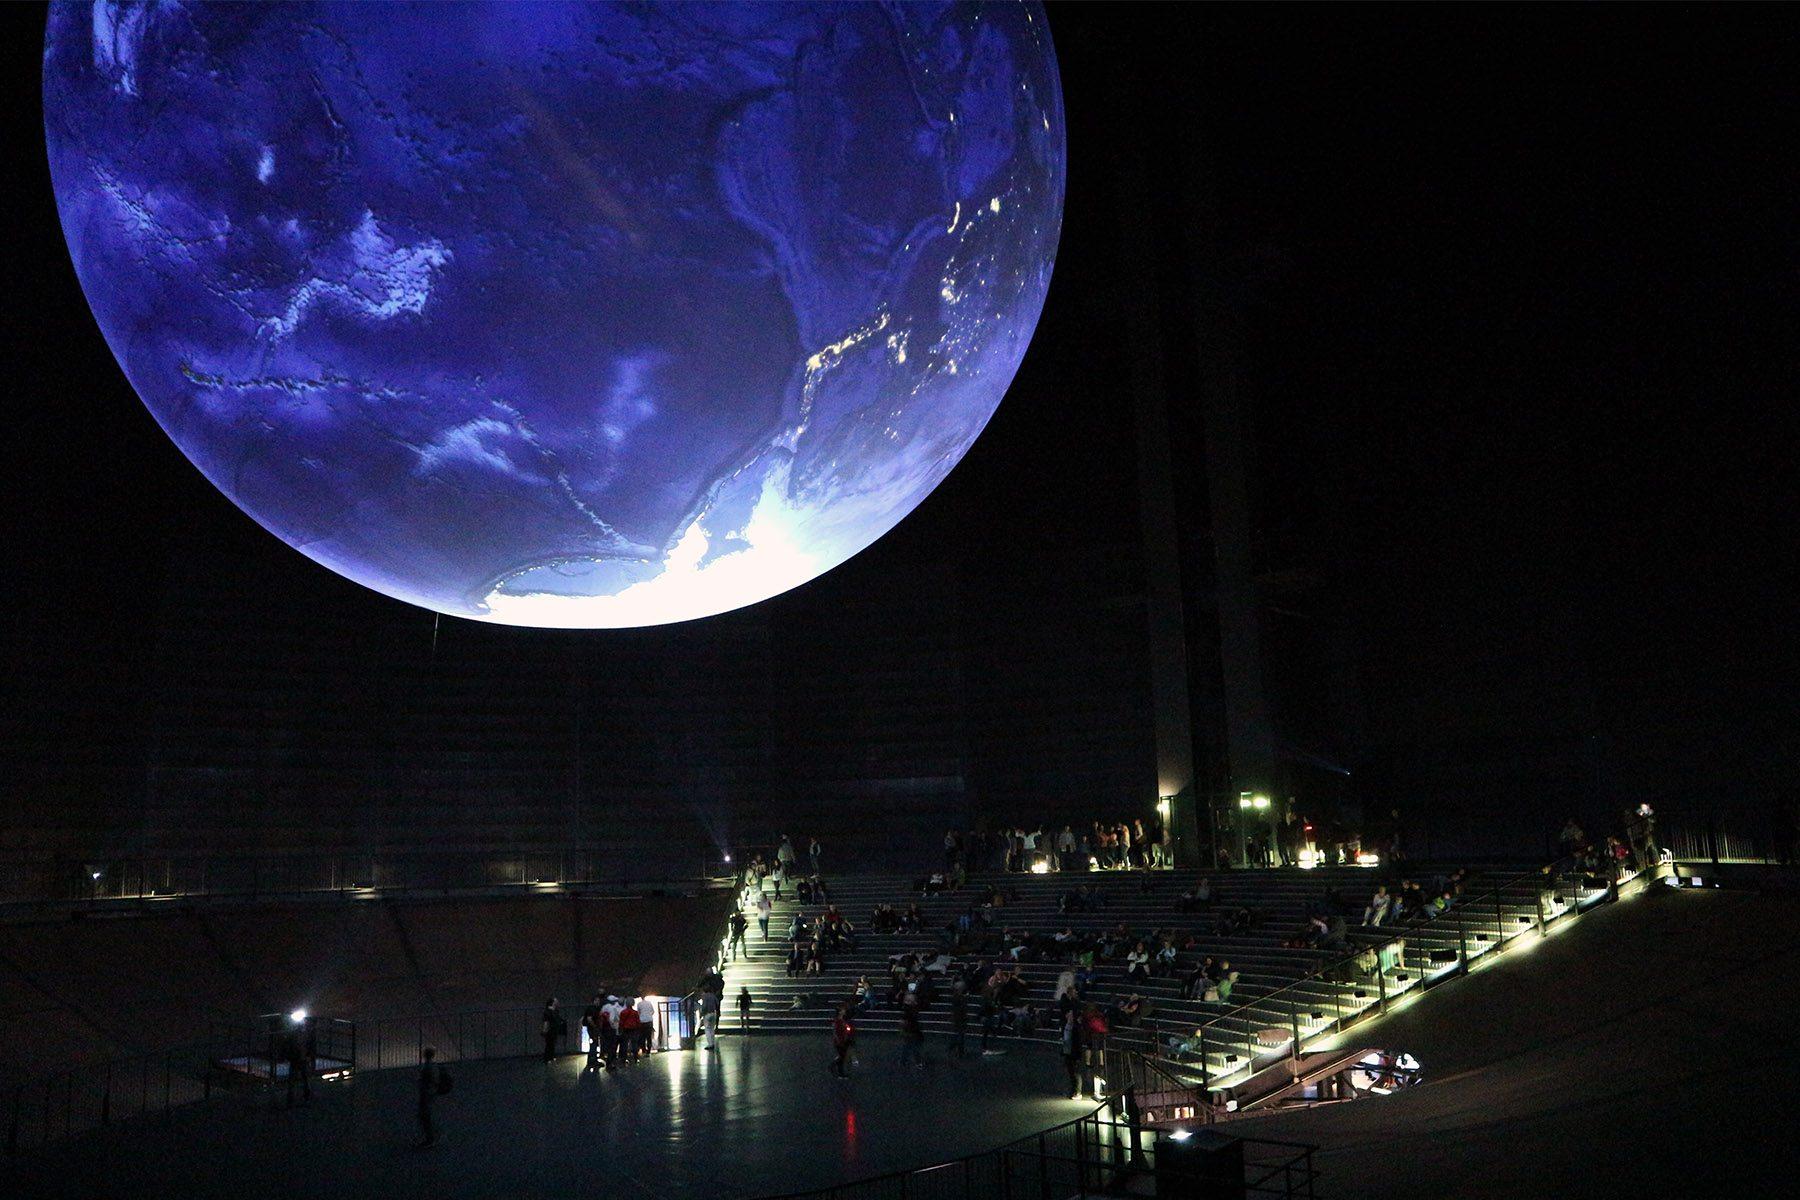 Gasometer. XXL-Projektion: Der Rundgang gipfelt im Blick auf eine 20 Meter große Erdkugel, die im 100 Meter hohen Luftraum des Gasometers schwebt.